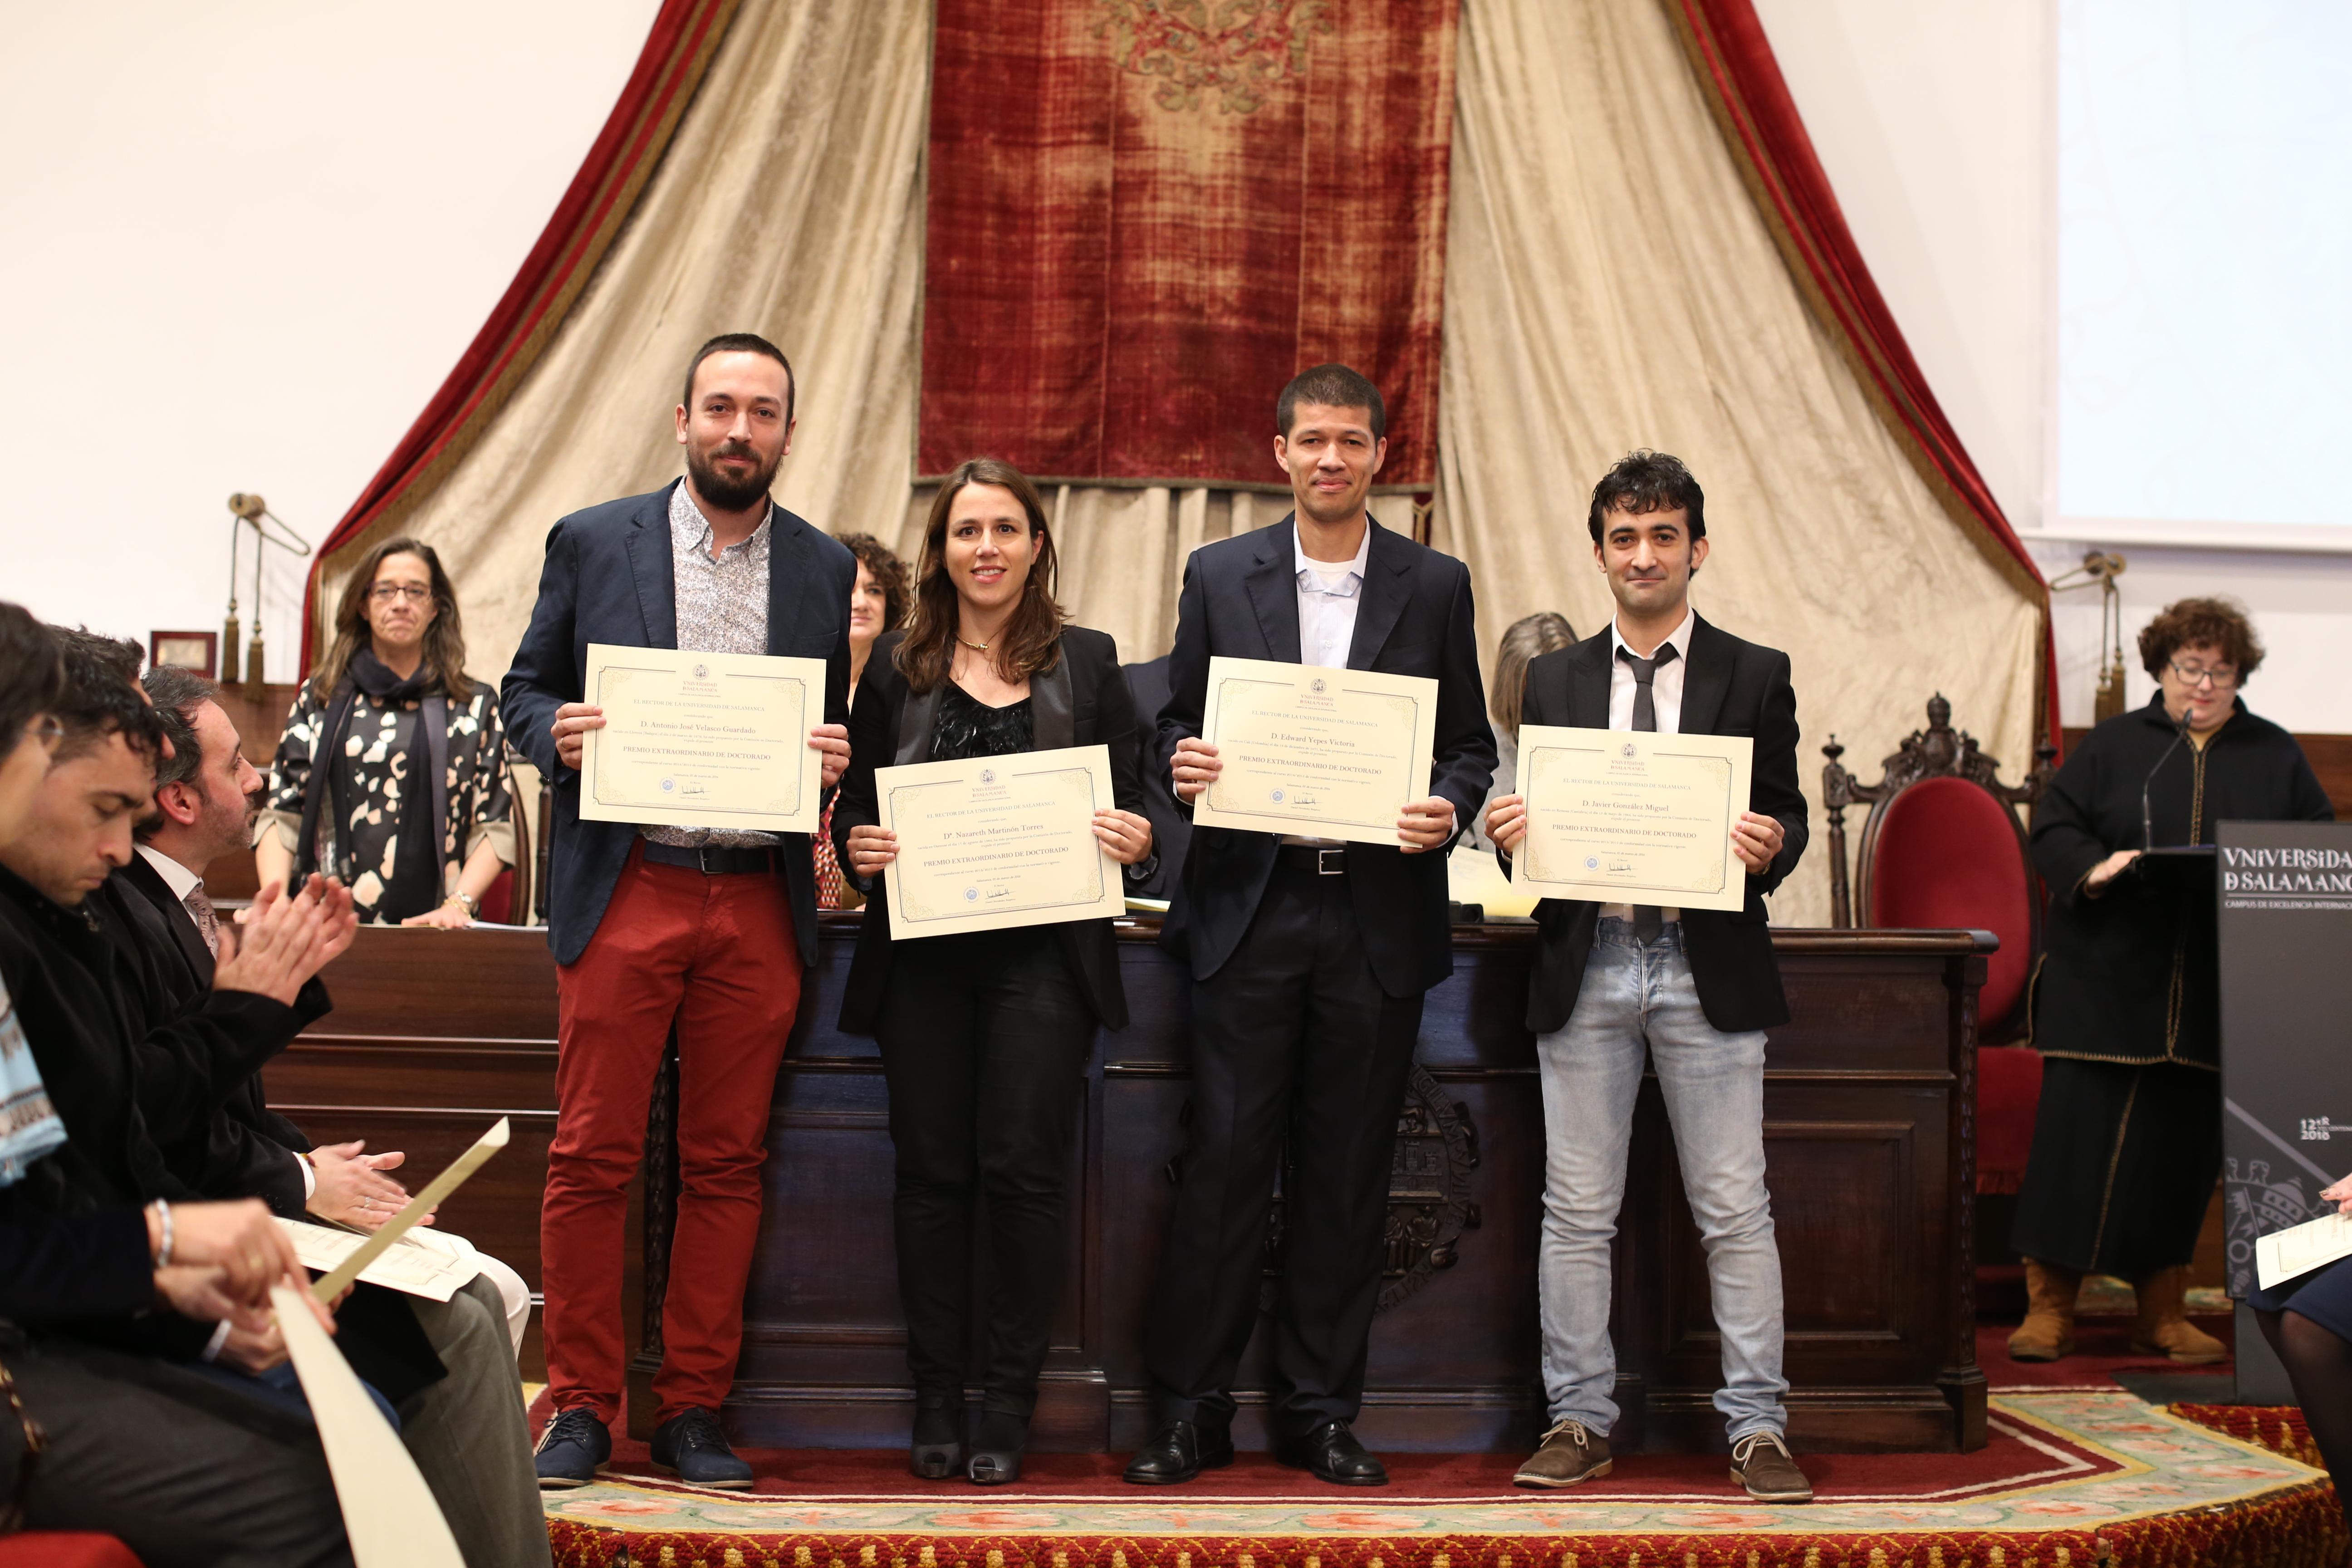 Fotografía de Premio Extraordinario de Doctorado - 4